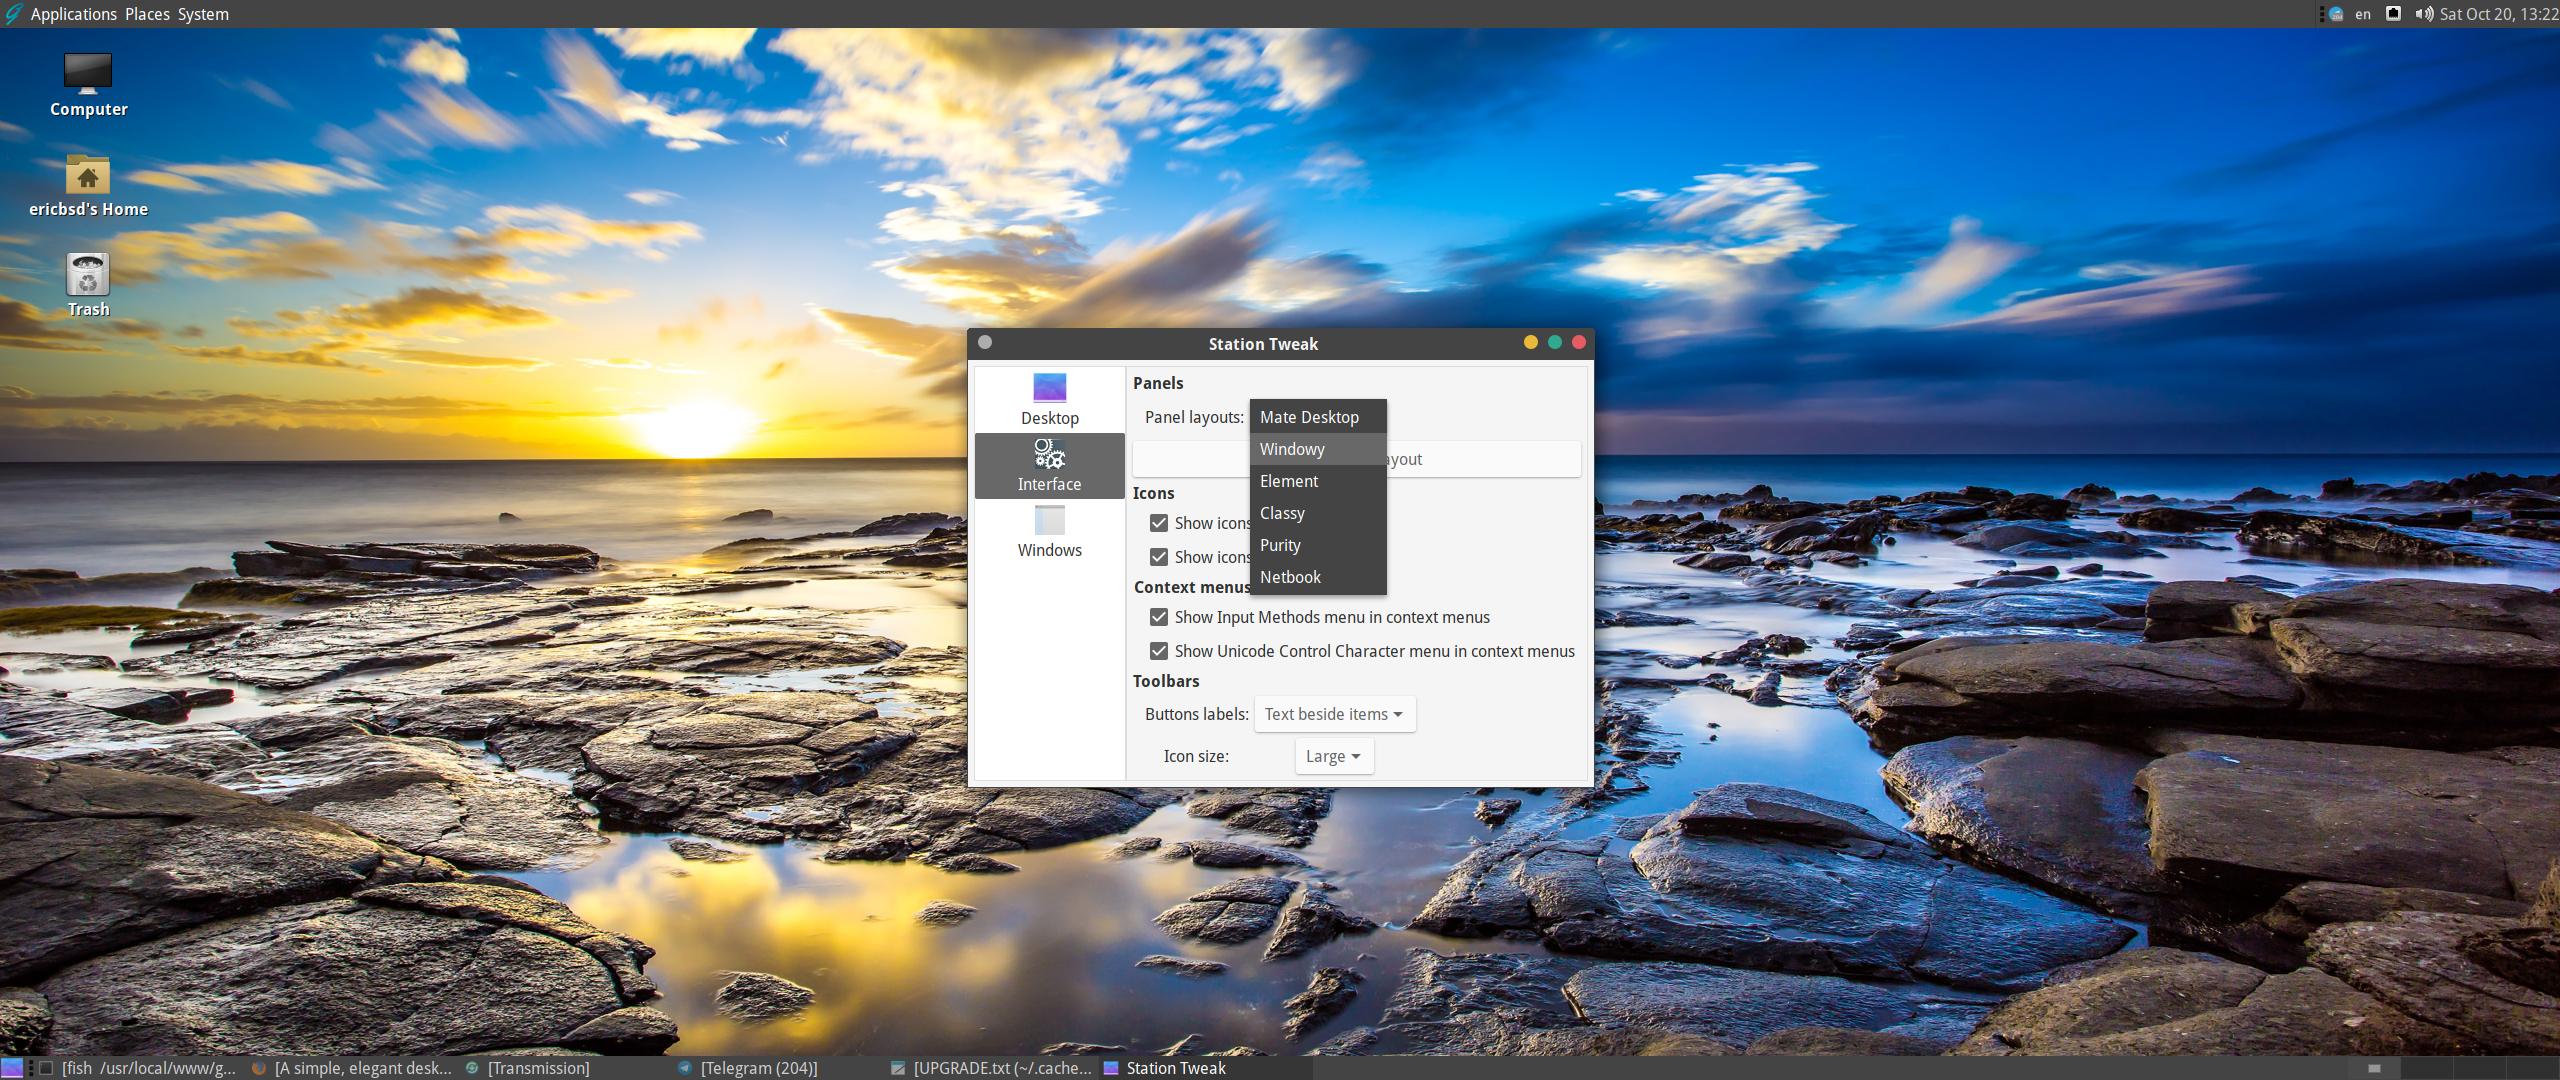 Спустя год разработки сформирован релиз десктоп-ориентированного дистрибутива GhostBSD 18.10, который построен на базе TrueOS с пользовательским окружением MATE.